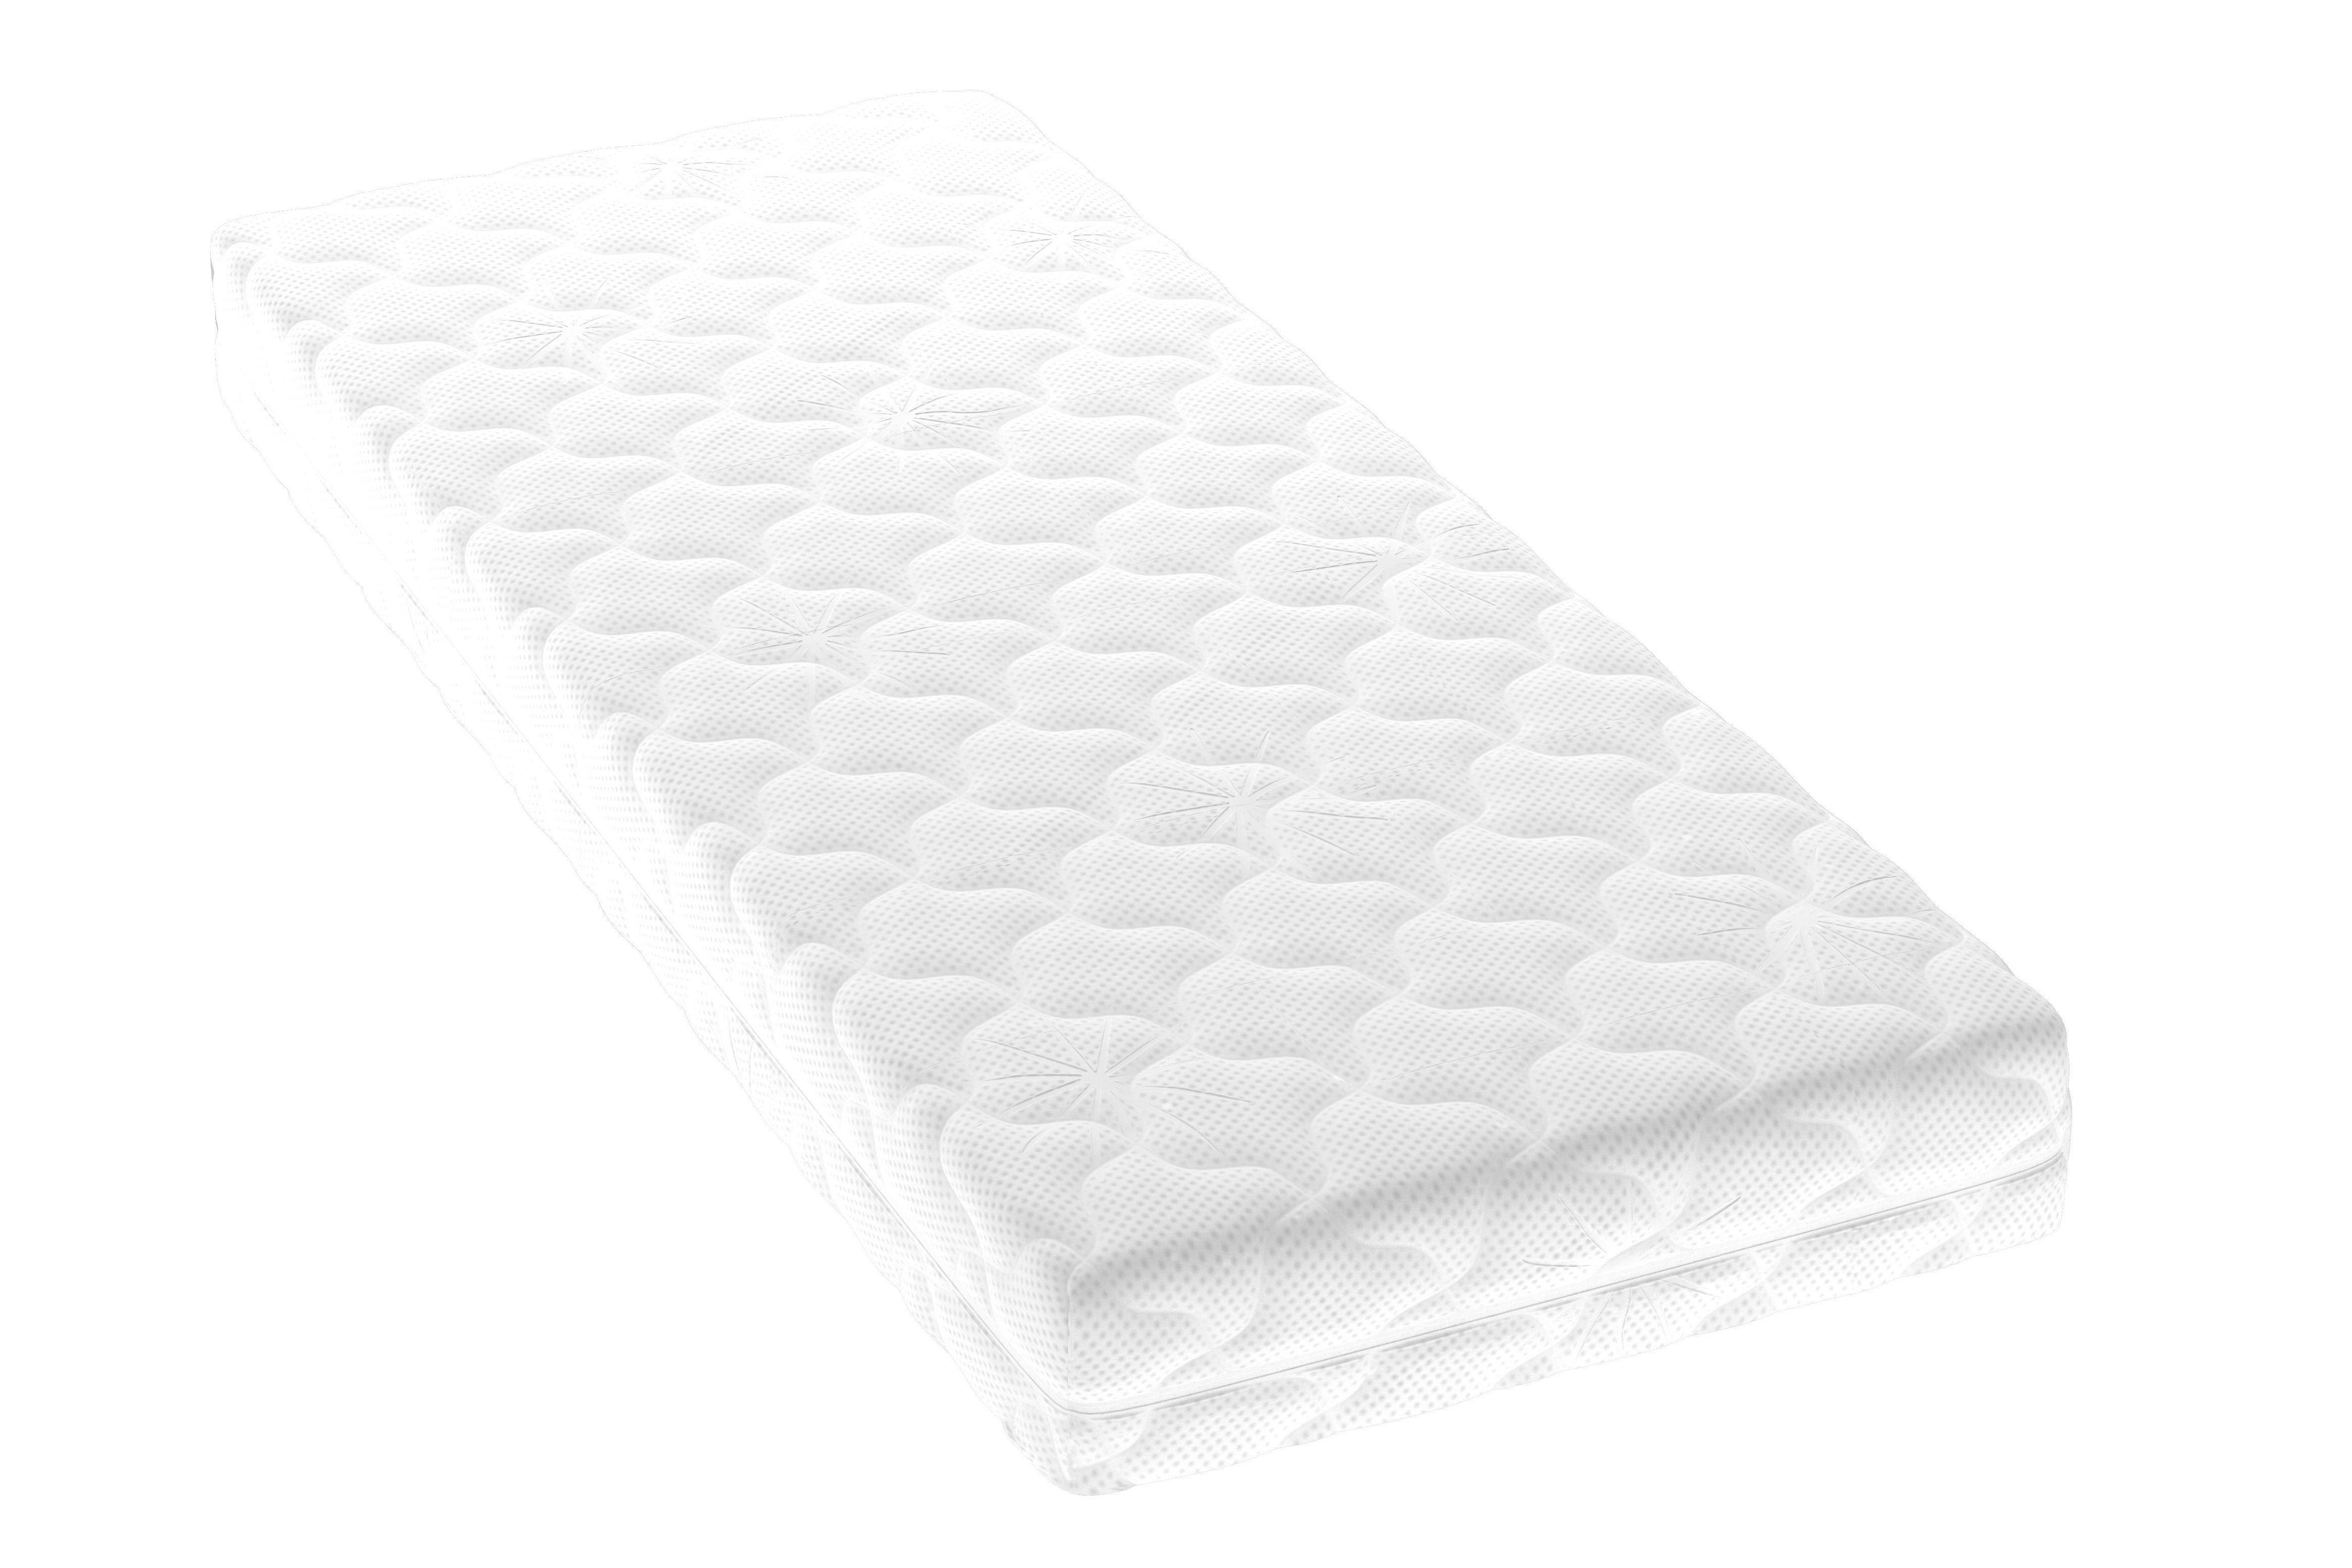 Матрас Tempo 190x80Беспружинные односпальные матрасы<br>Матрас из современного эластичного материала Smartflex Soft. Материал мягок и приятен на ощупь, гипоаллергенен, благодаря своей пористой структуре хорошо вентилируется.&amp;amp;nbsp;&amp;lt;div&amp;gt;&amp;lt;br&amp;gt;&amp;lt;/div&amp;gt;&amp;lt;div&amp;gt;Компактная упаковка в виде рулона и небольшой вес облегчают транспортировку матраса, делая его идеальным для быстрого обустройства спального места. Чехол из практичной трикотажной ткани Jersey, делающей его простым в уходе. Ткань чехла мягкая и эластичная на ощупь, имеет приятную фактуру, не сминается, устойчива к пятнам, не способствует размножению бактерий и пылевых клещей.&amp;amp;nbsp;&amp;lt;/div&amp;gt;&amp;lt;div&amp;gt;Матрас Tempo – для тех, кто привык жить в быстром темпе!&amp;lt;/div&amp;gt;<br><br>Material: Текстиль<br>Ширина см: 80<br>Высота см: 17<br>Глубина см: 190